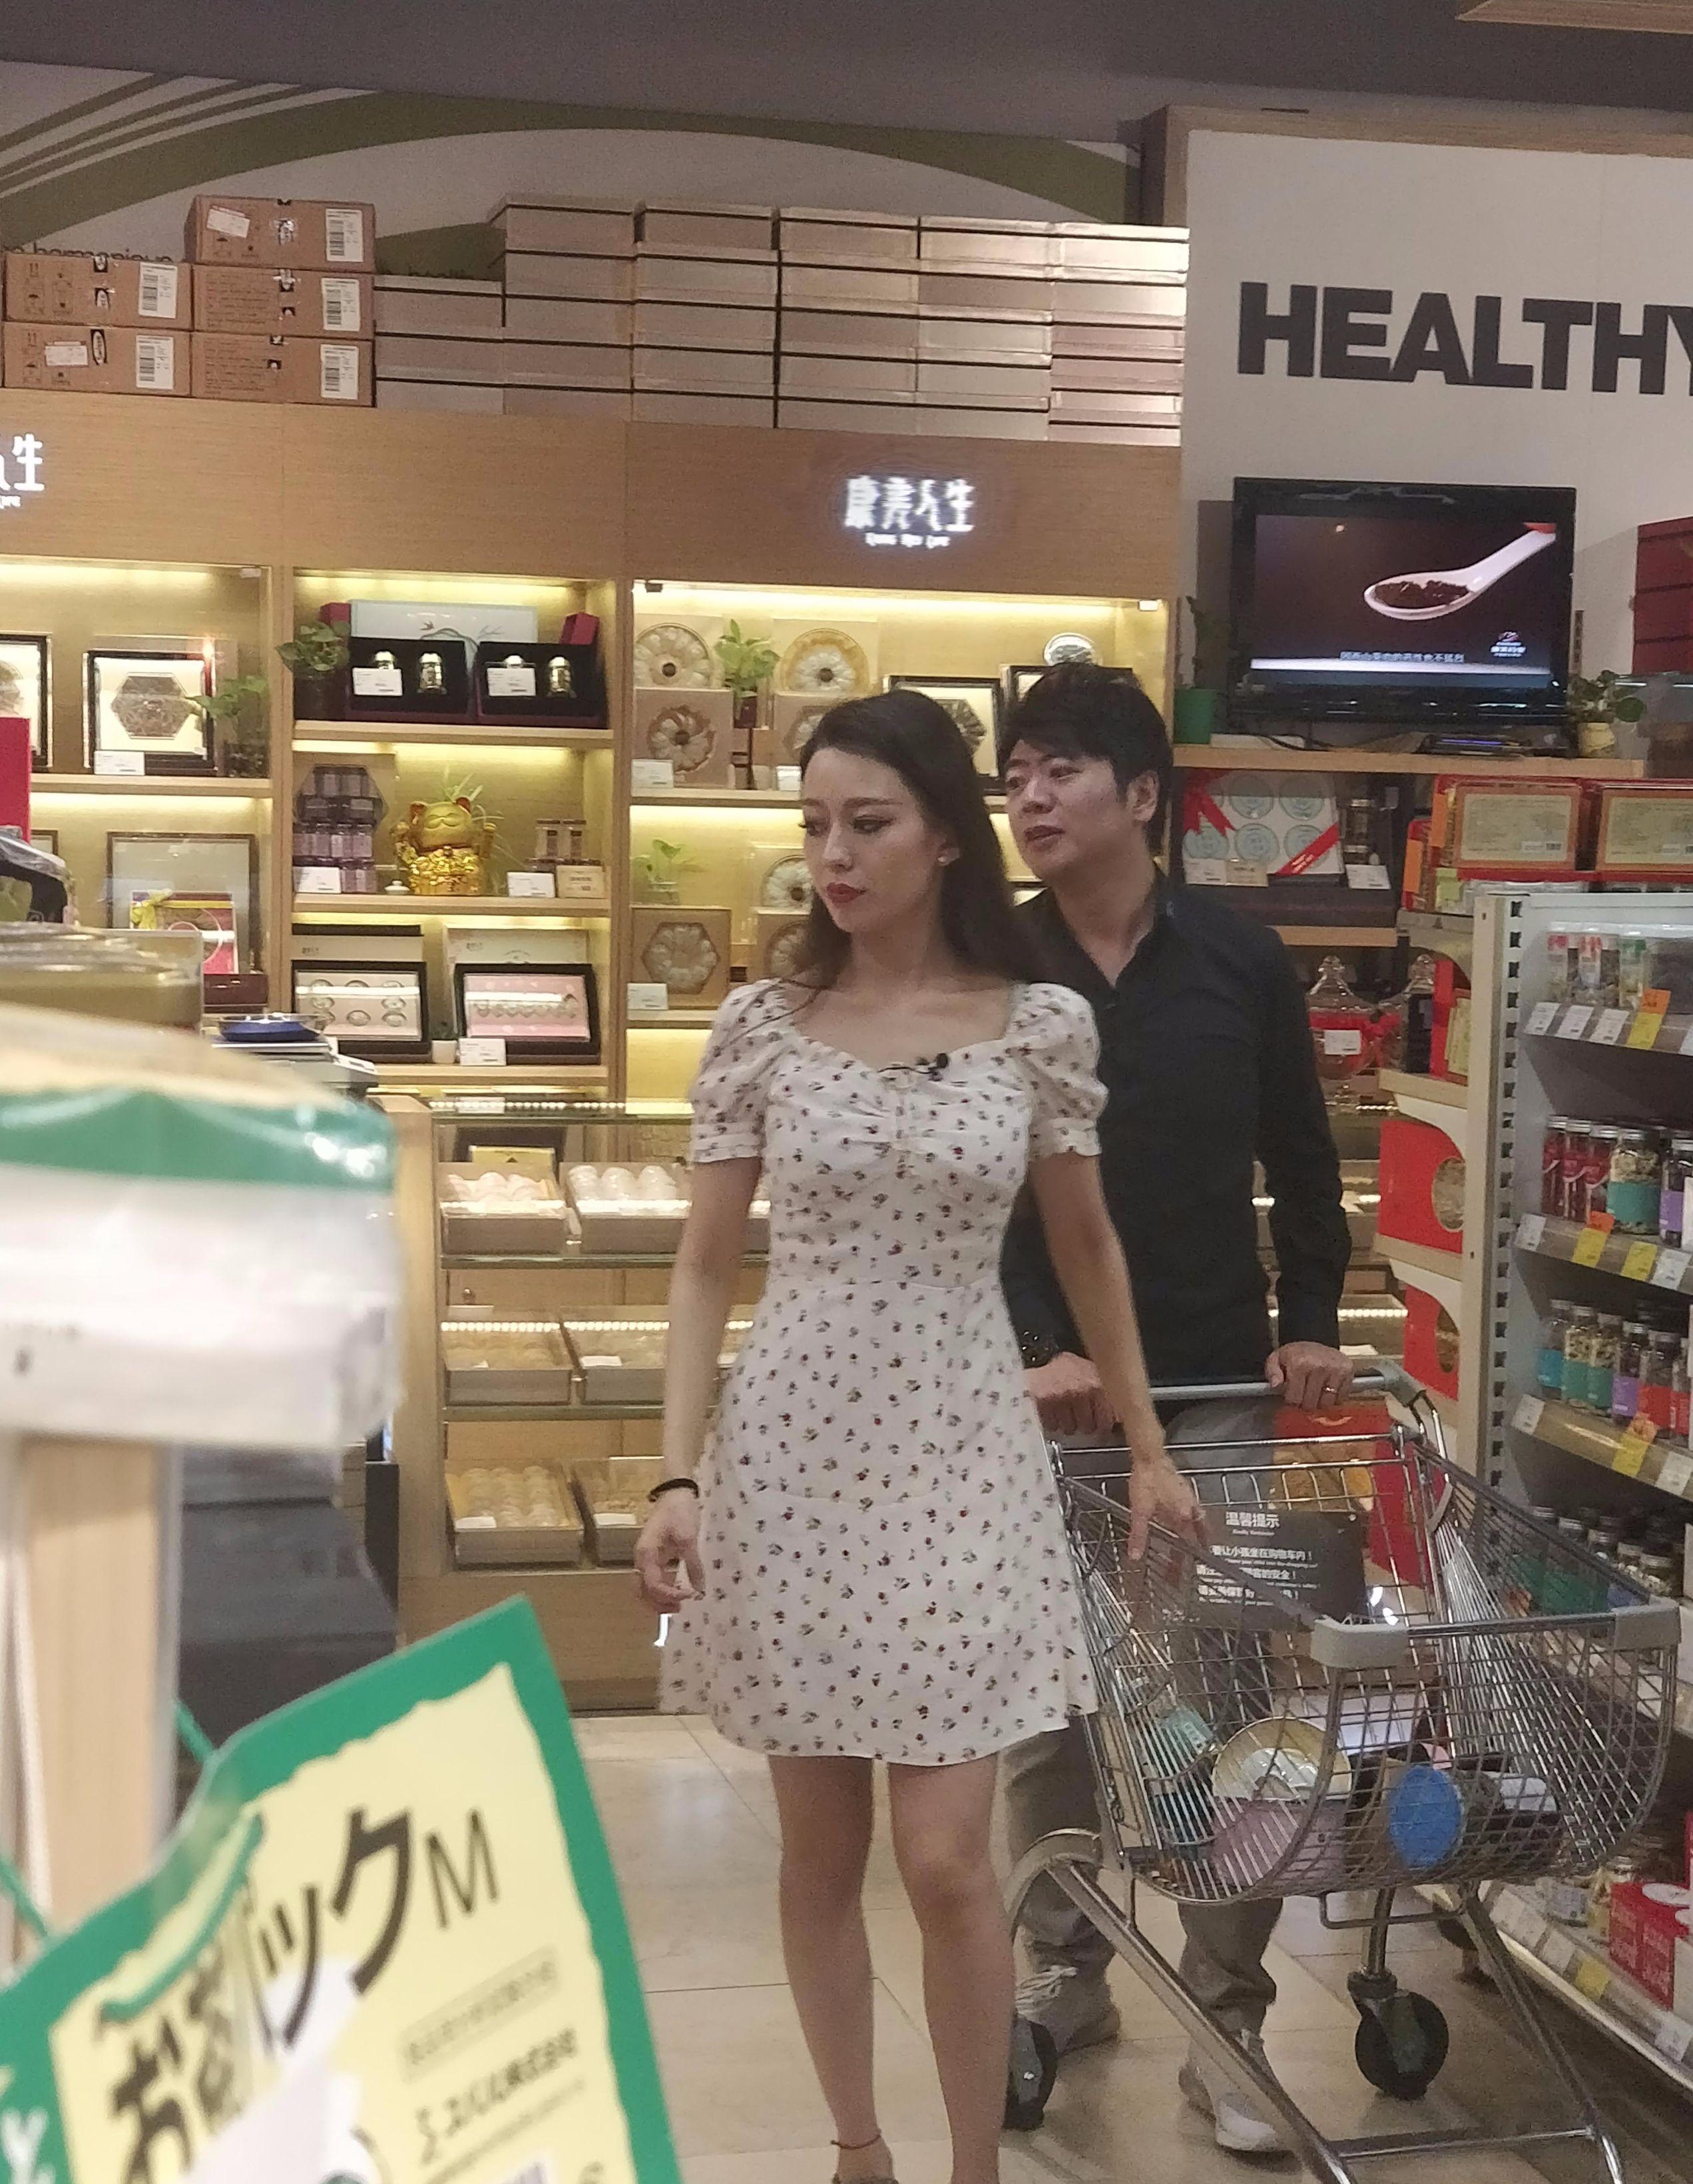 郎朗与娇妻逛超市主动推车,爱丽丝选购母婴用品让人猜疑